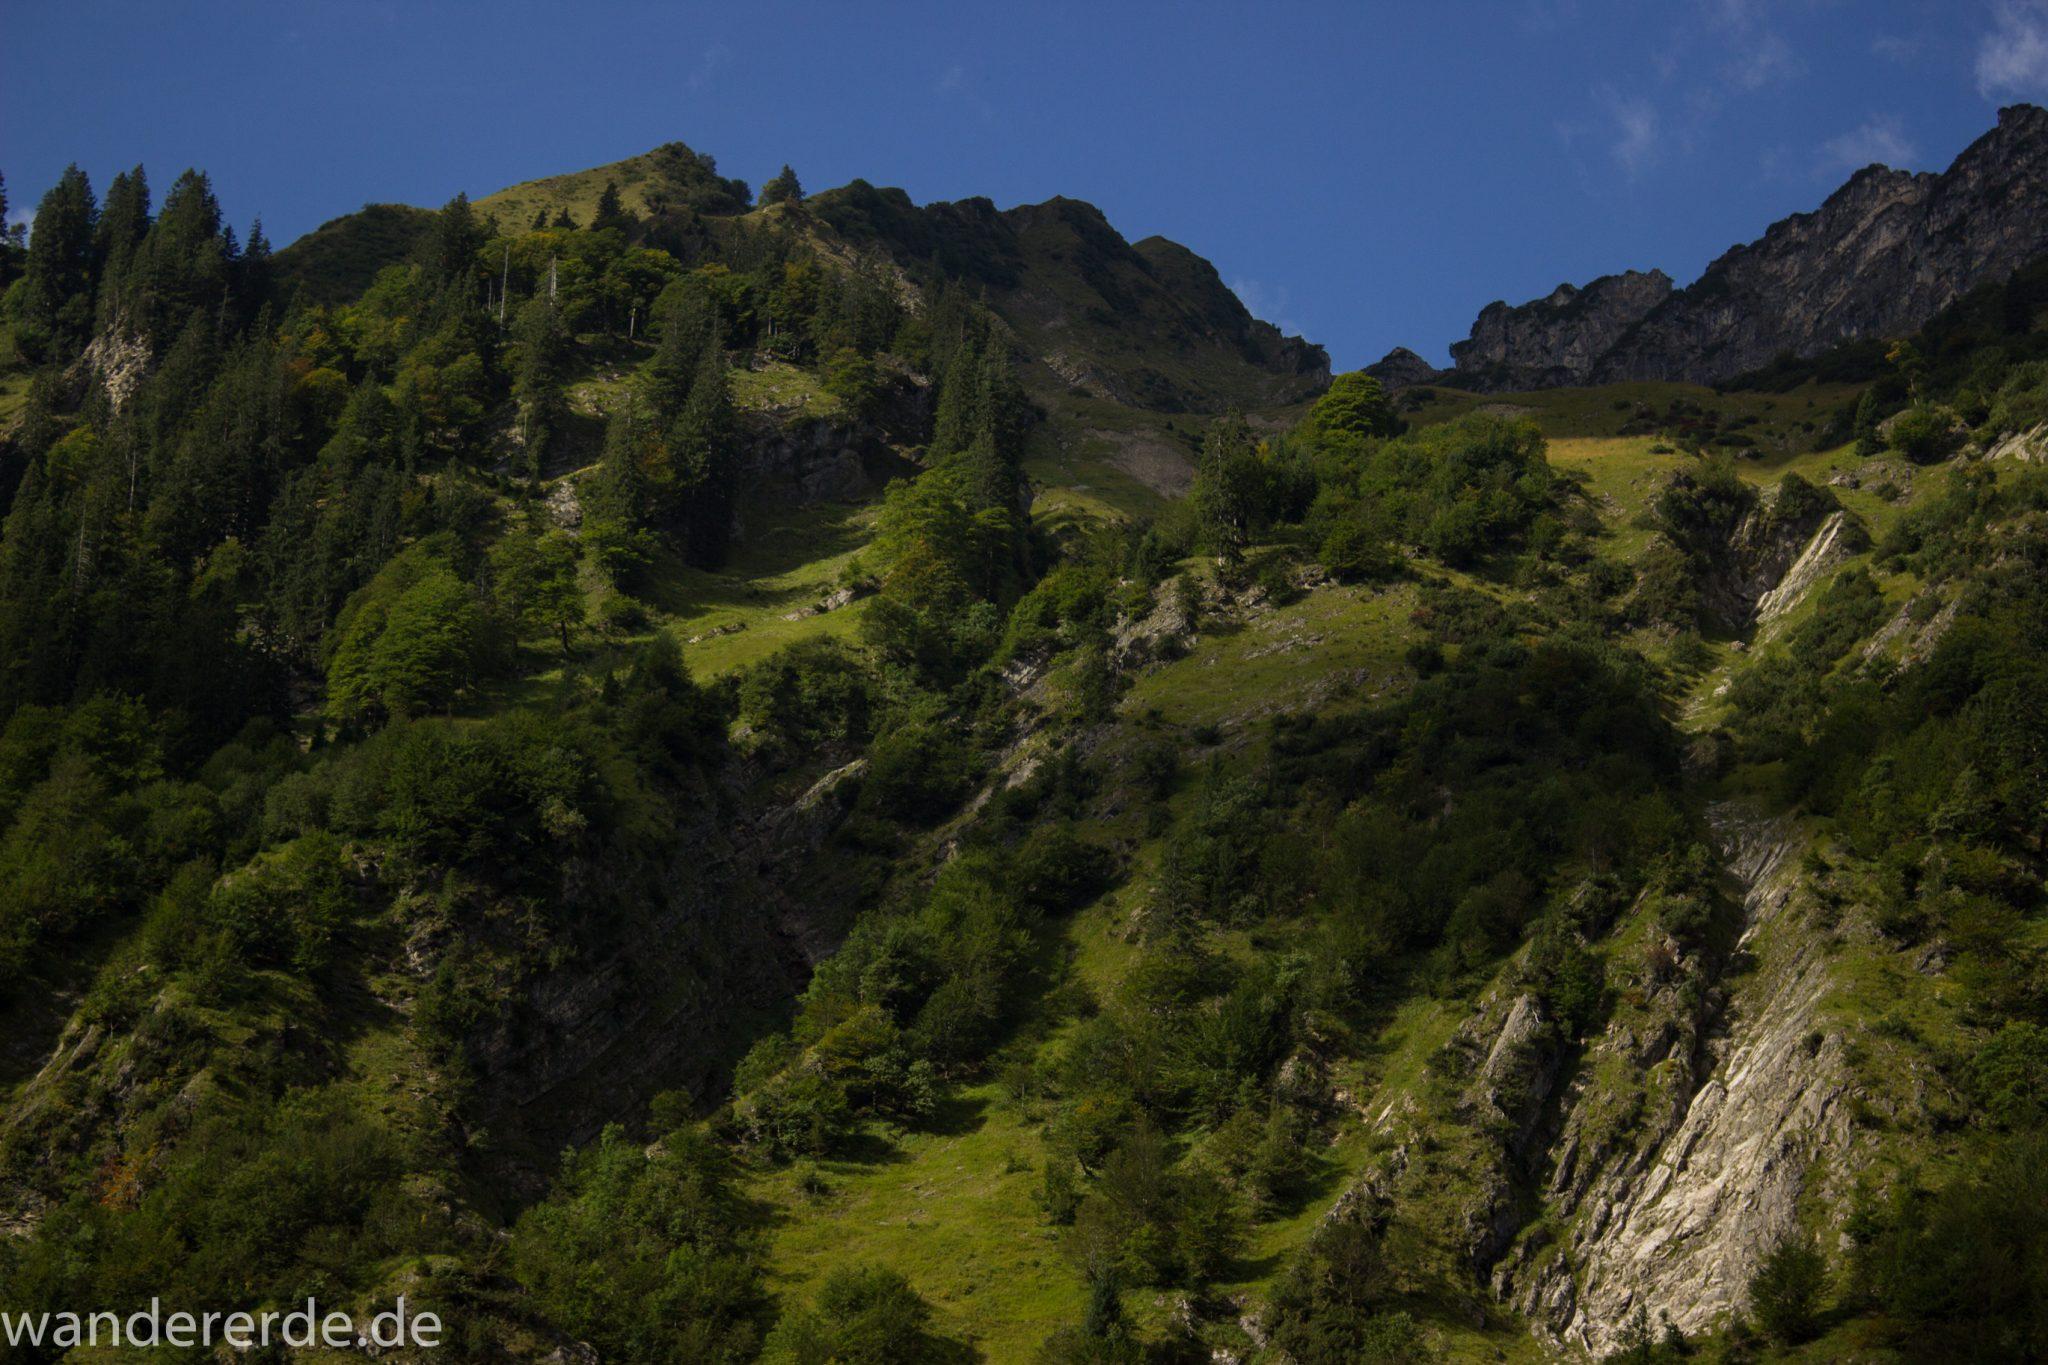 Alpenüberquerung Fernwanderweg E5 Oberstdorf Meran, 1. Etappe von Oberstdorf zur Kemptner Hütte, Wanderweg von Oberstdorf zur Spielmannsau führt entlang saftig grüner Wiesen im Allgäu umgeben von grünem Wald, Aussicht auf die Berge im Allgäu, Bayern